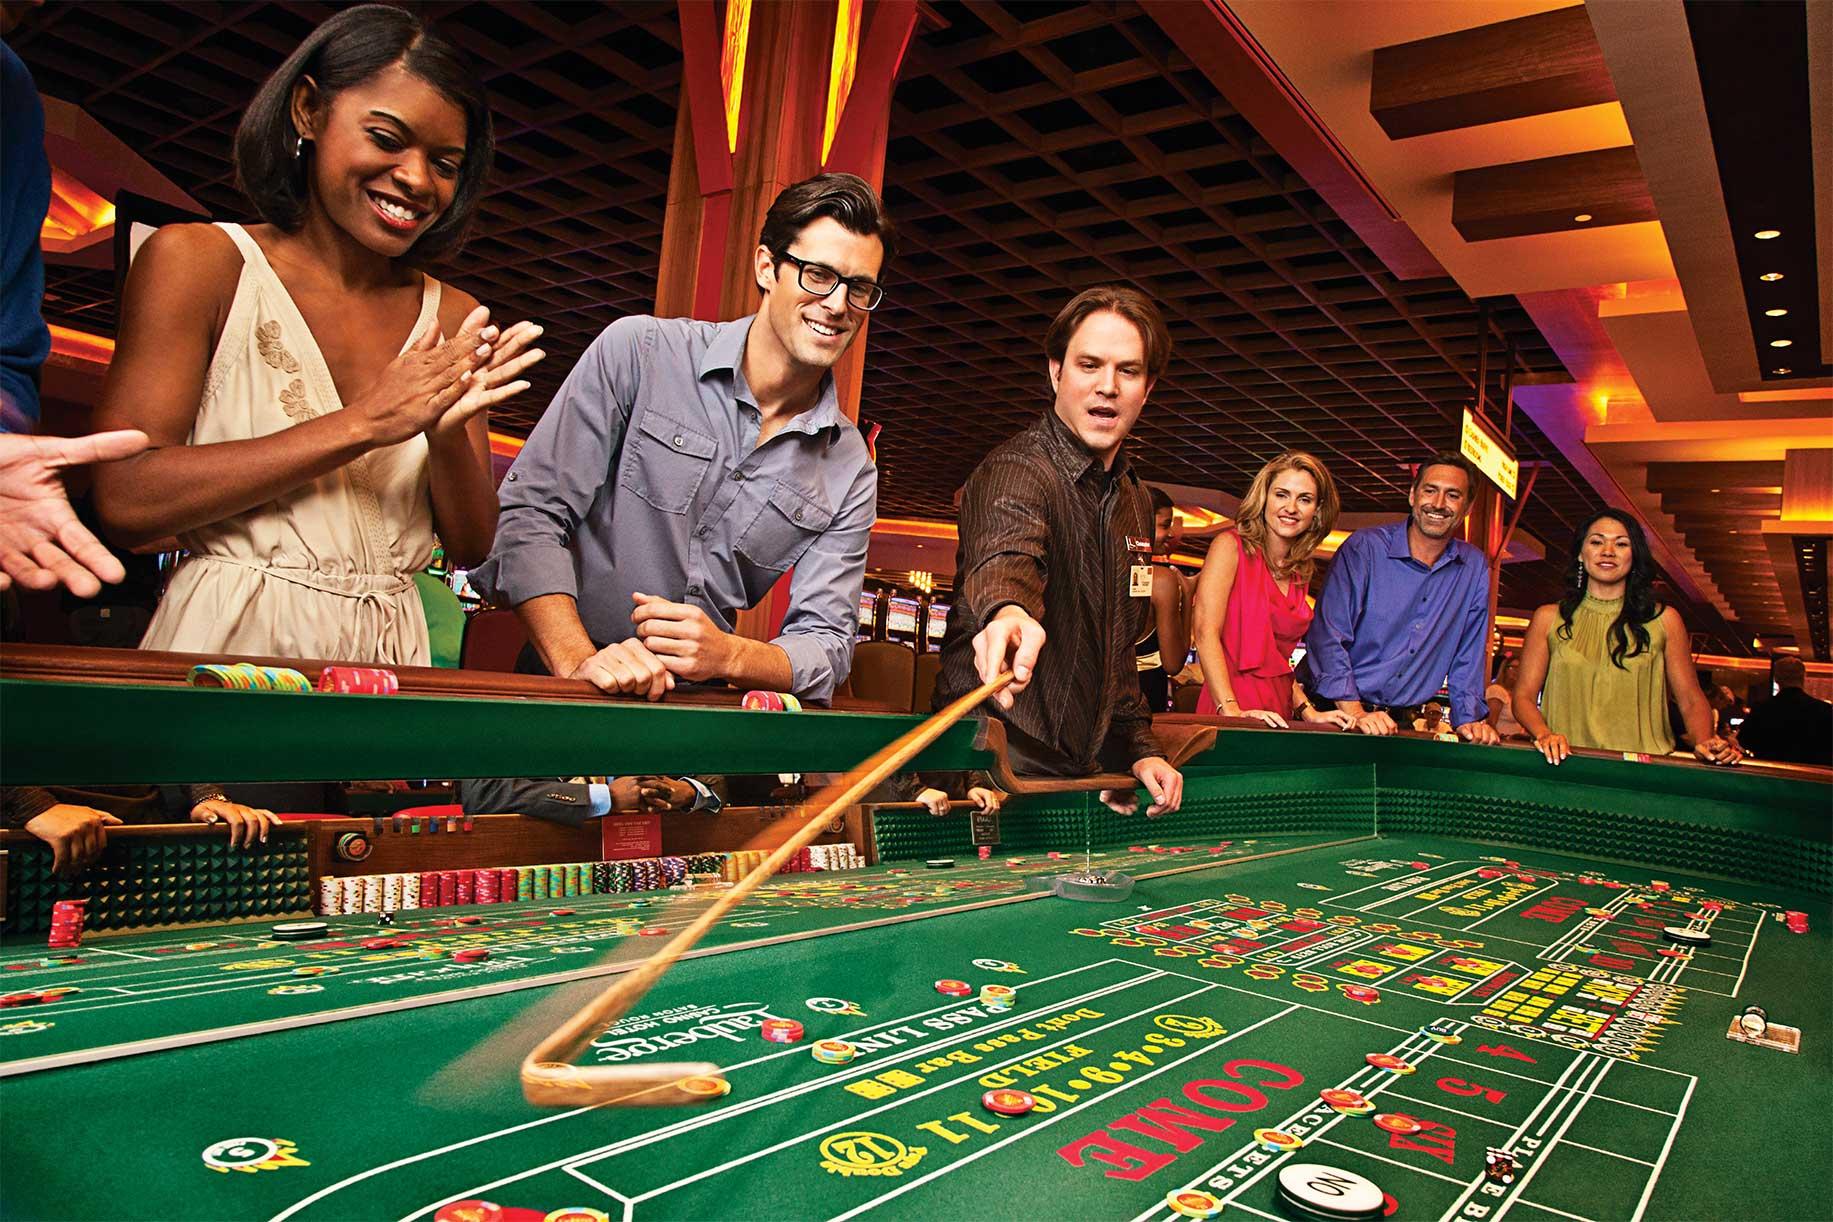 Рейтинг мировых онлайн казино играть карты онлайн вдвоем